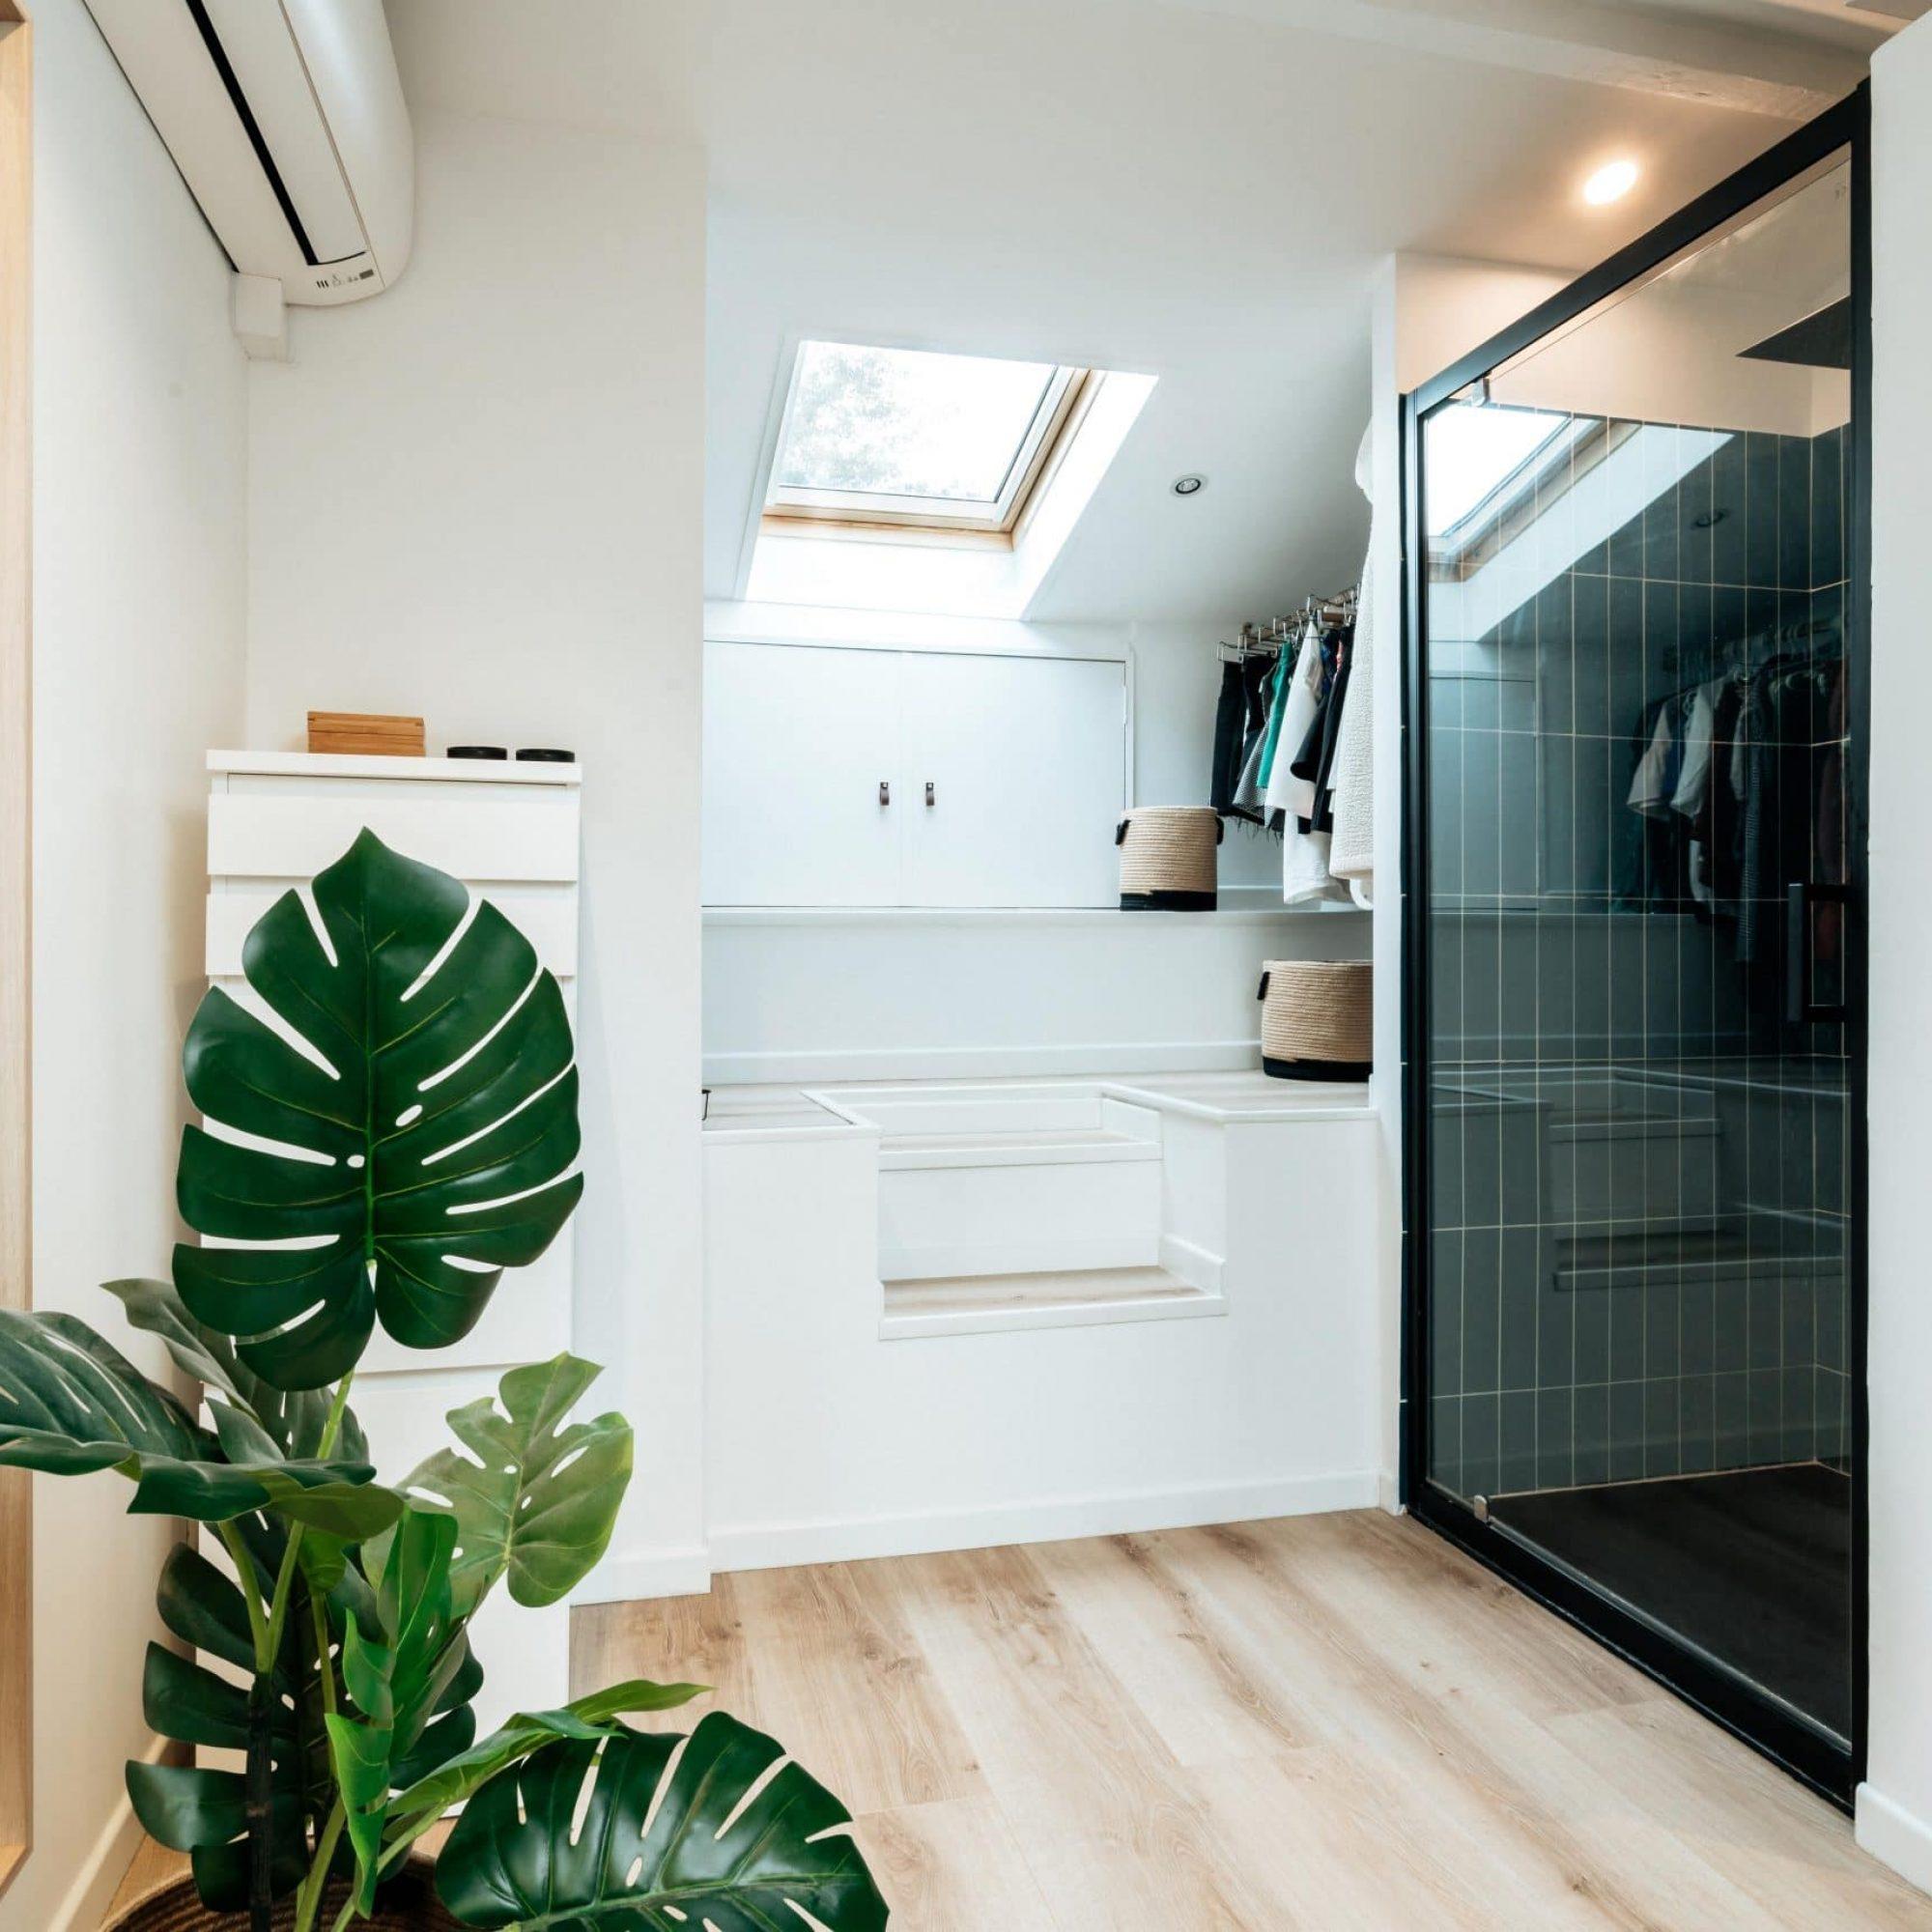 sousletoit-renovation-jeremydugas-architecte-interieur-decoration-travaux-aménagement-montpellier-herault-papier-peint-jungle-wood-salledebain